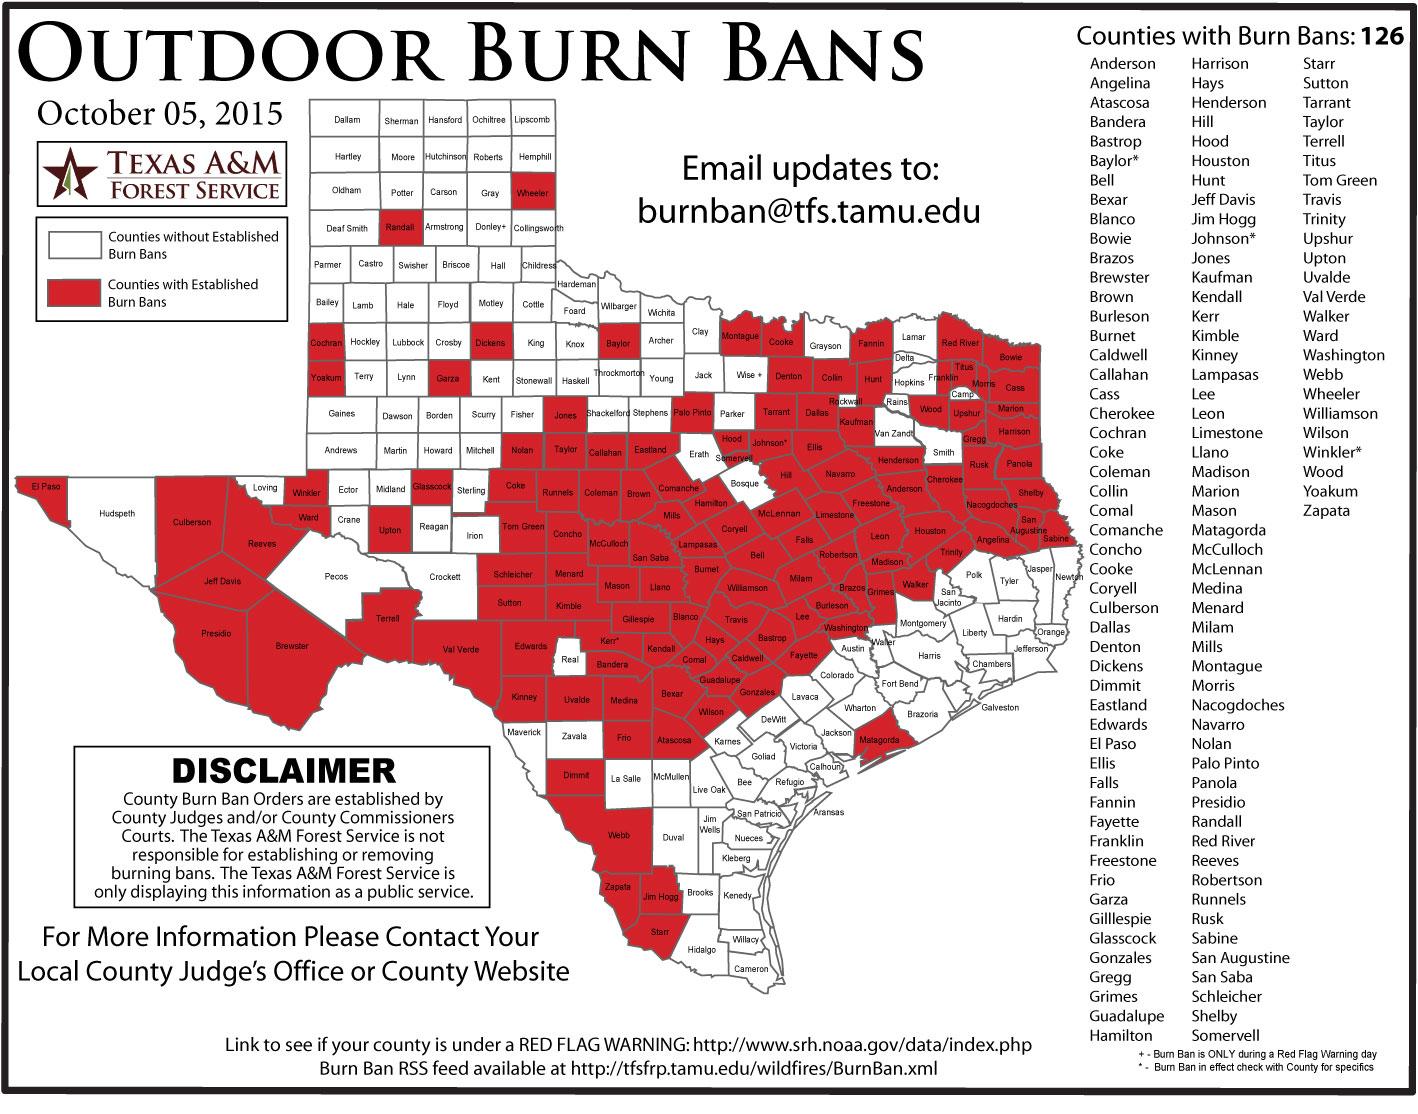 Burn Ban Map Texas | Business Ideas 2013 - Texas Burn Ban Map